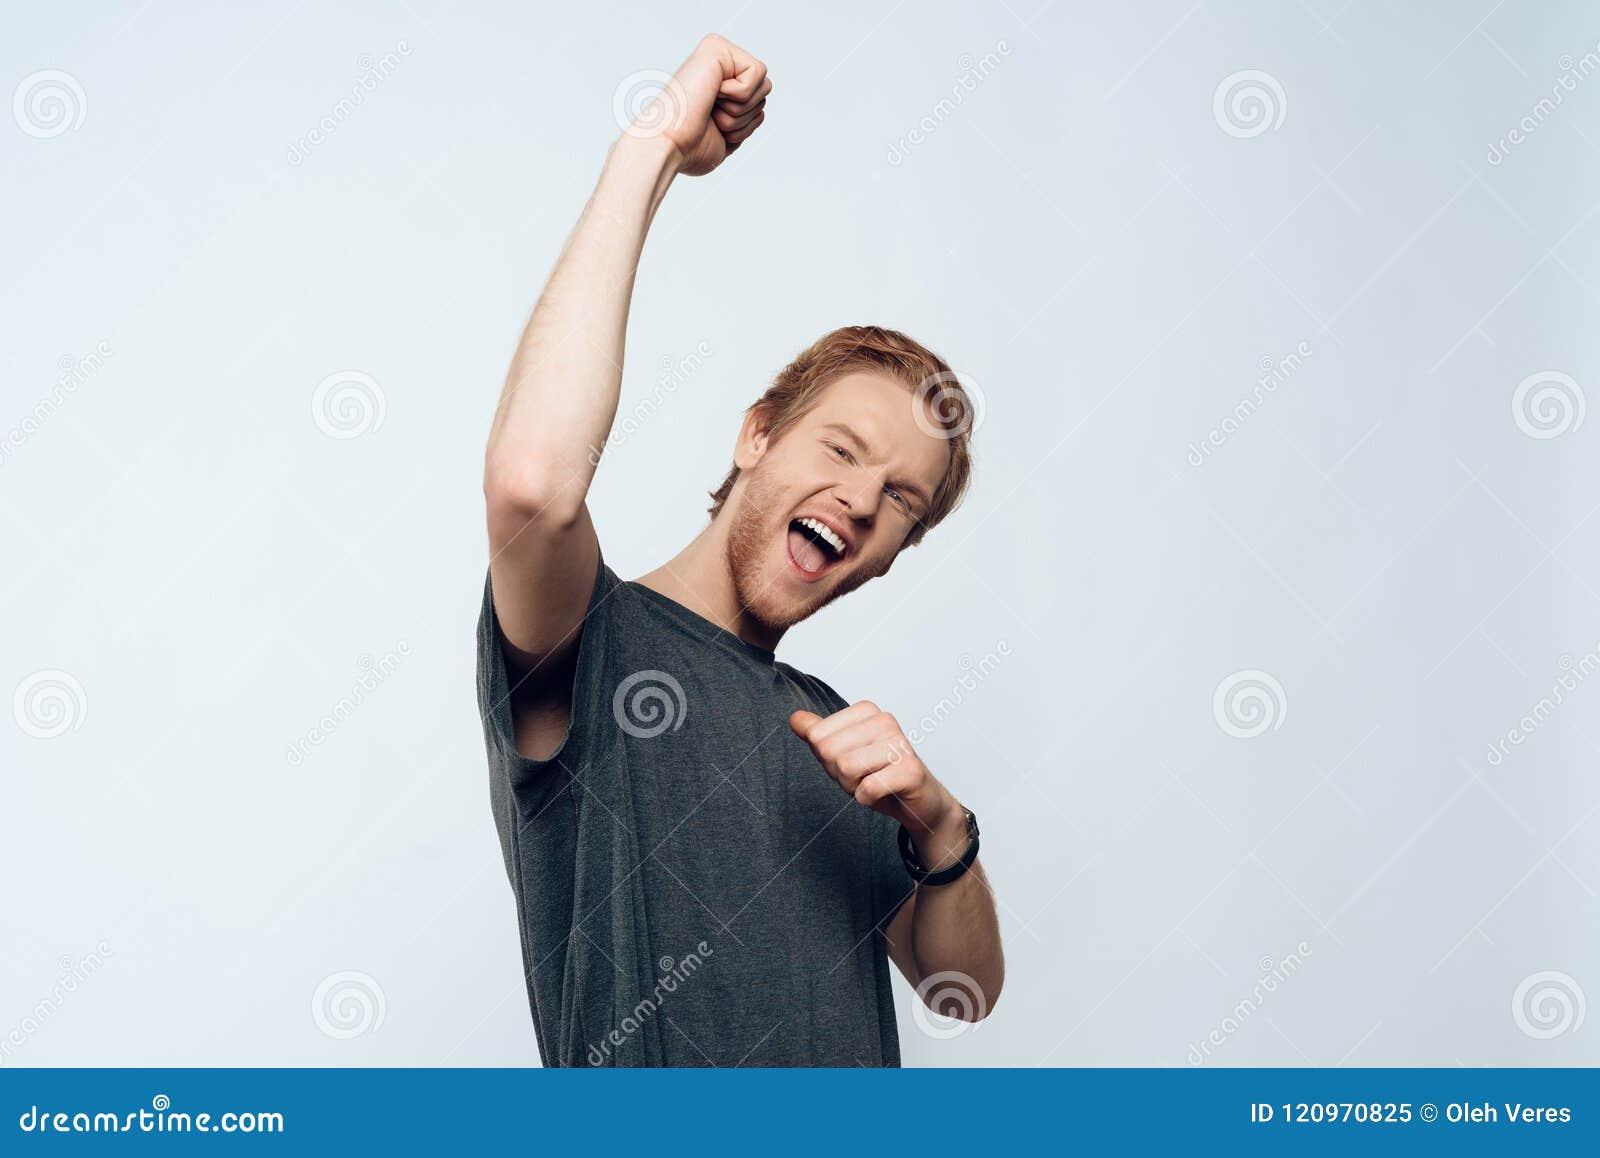 Portrait Guy Celebrating Success enthousiaste euphorique